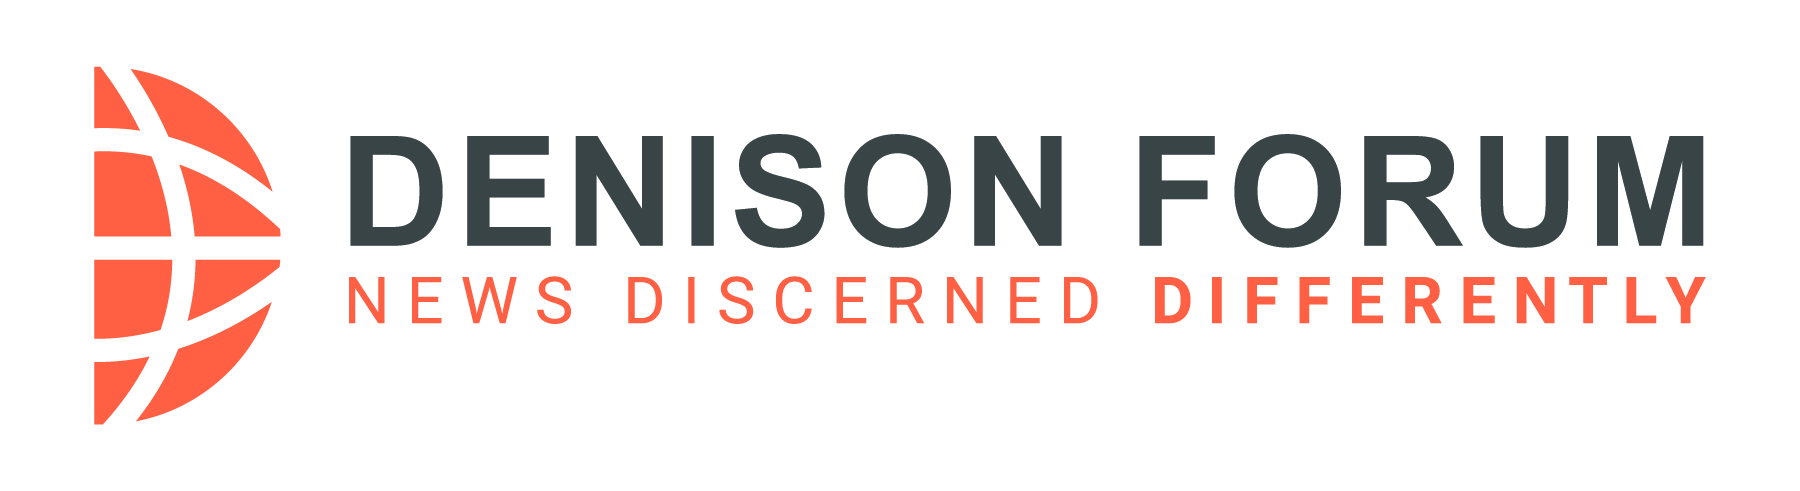 Denison Forum